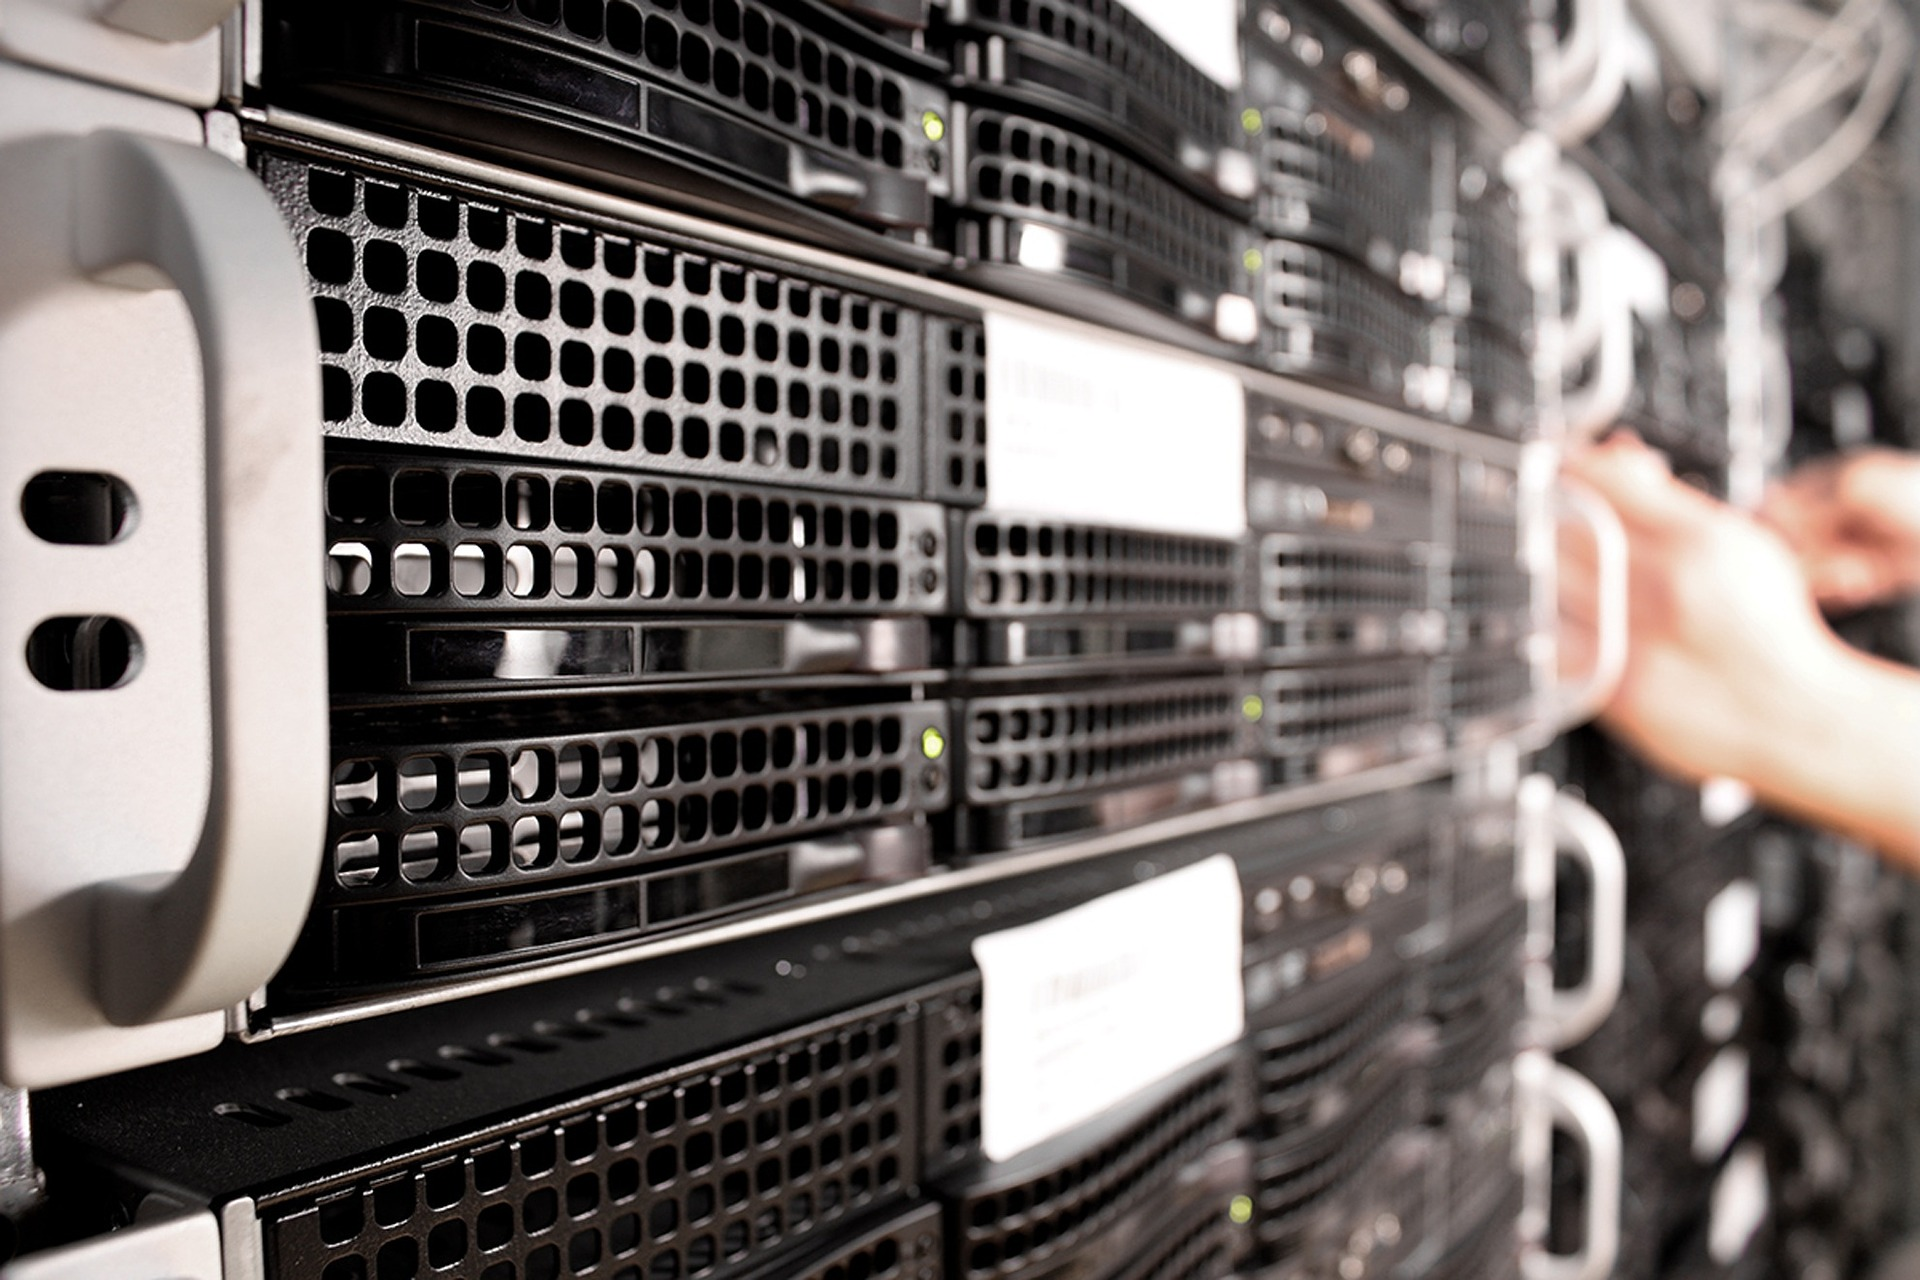 szerverek a Bluehost adatközpontjában